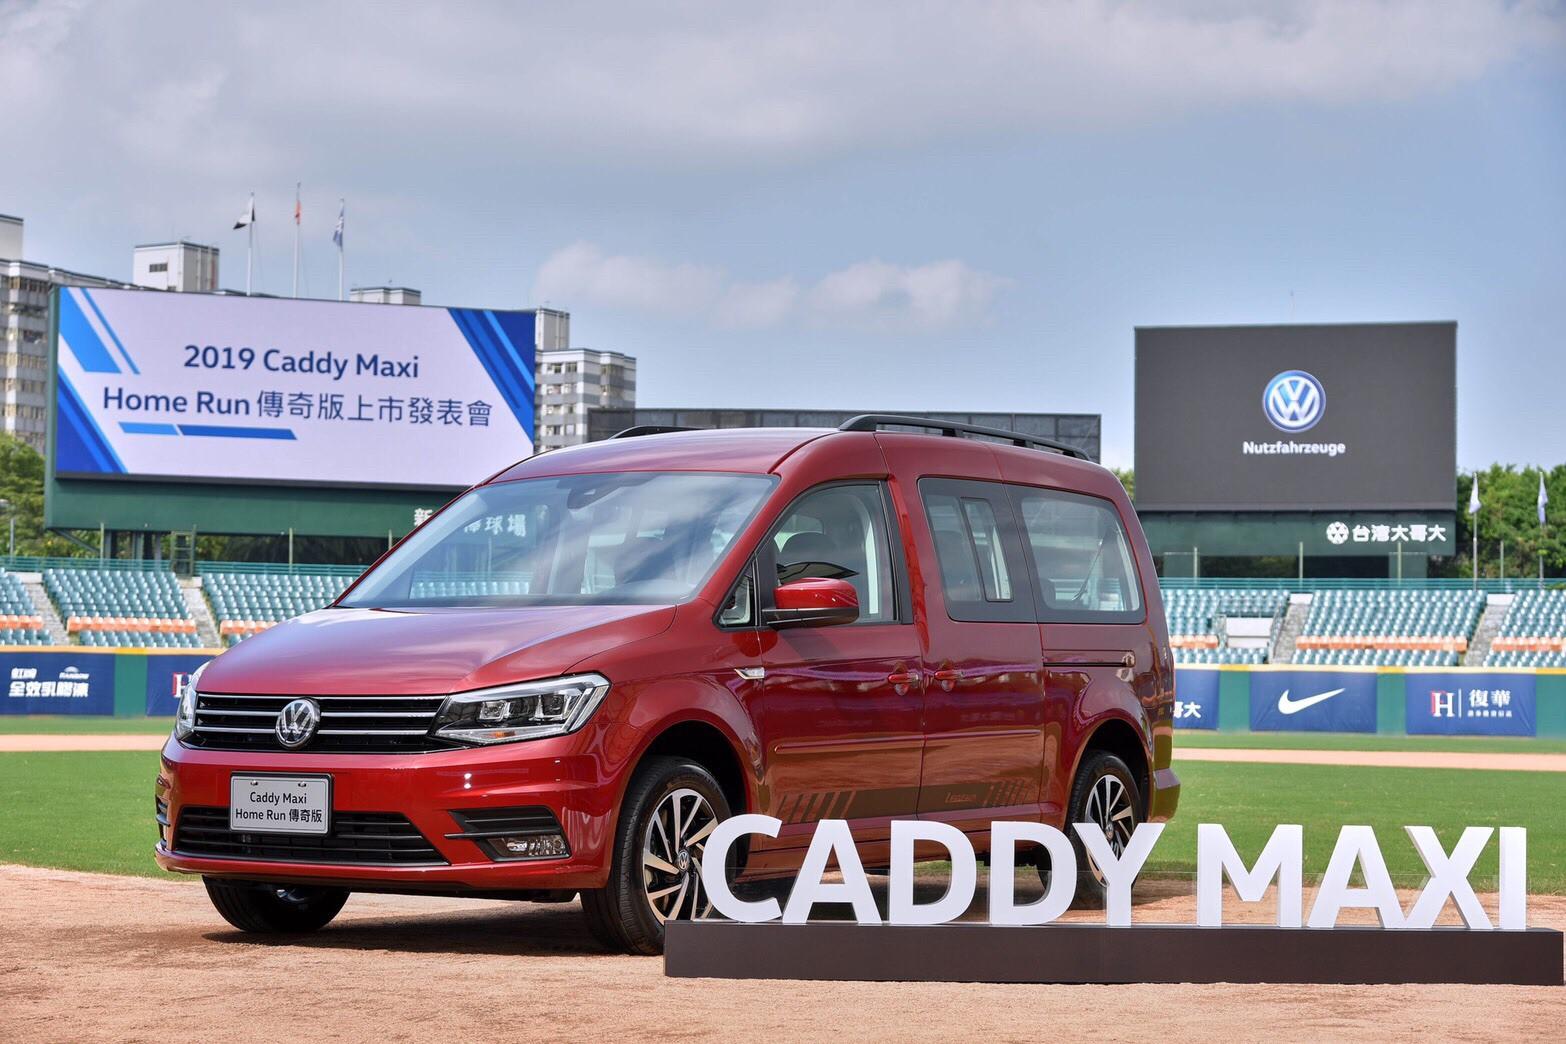 限量 88 台!VWCV Caddy Maxi「Home Run 傳奇版」130.8 萬上市